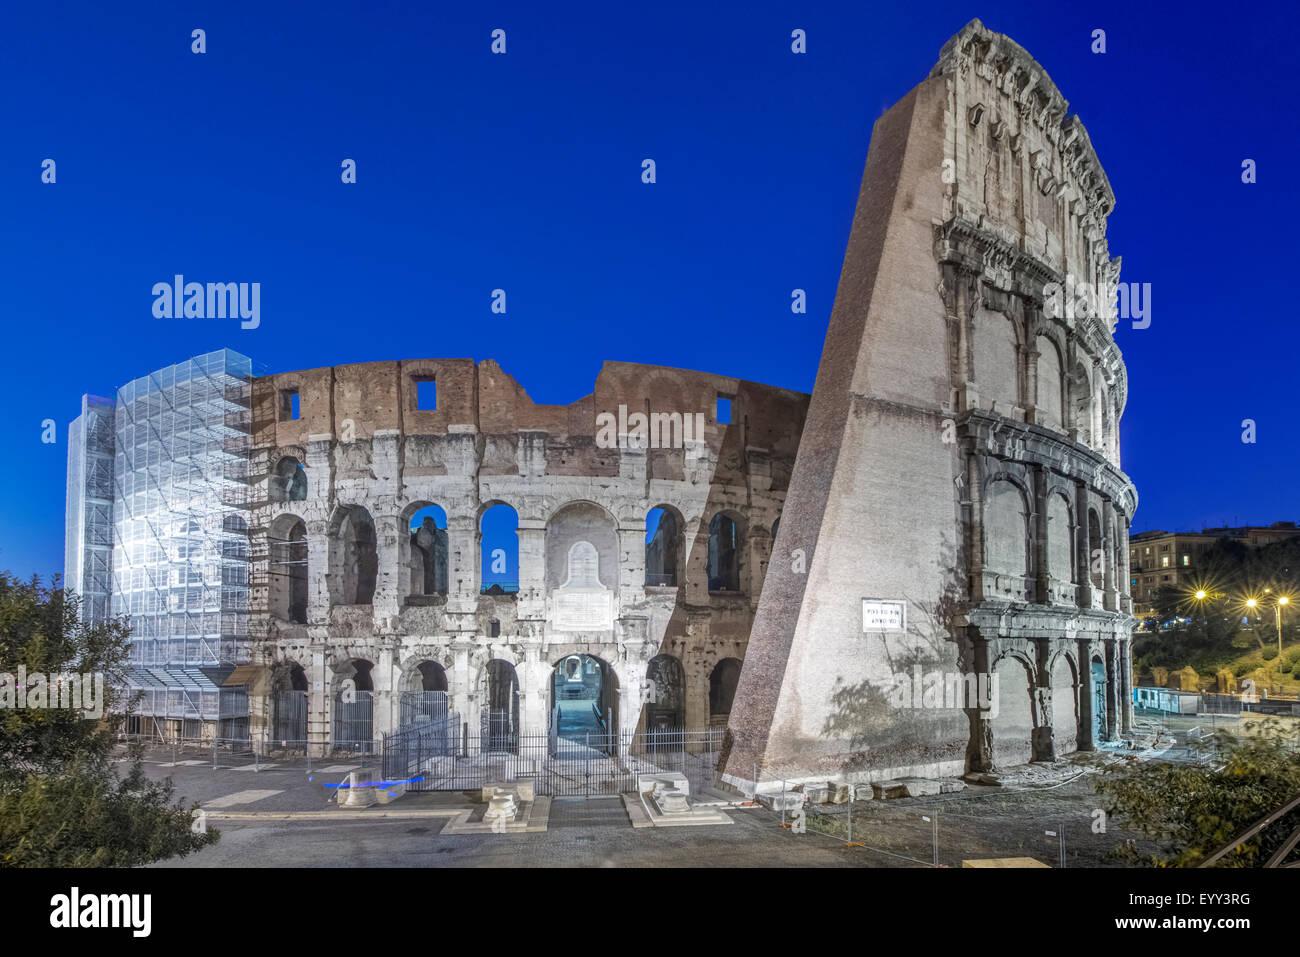 Des ruines du Colisée illuminé la nuit, Rome, Italie Photo Stock